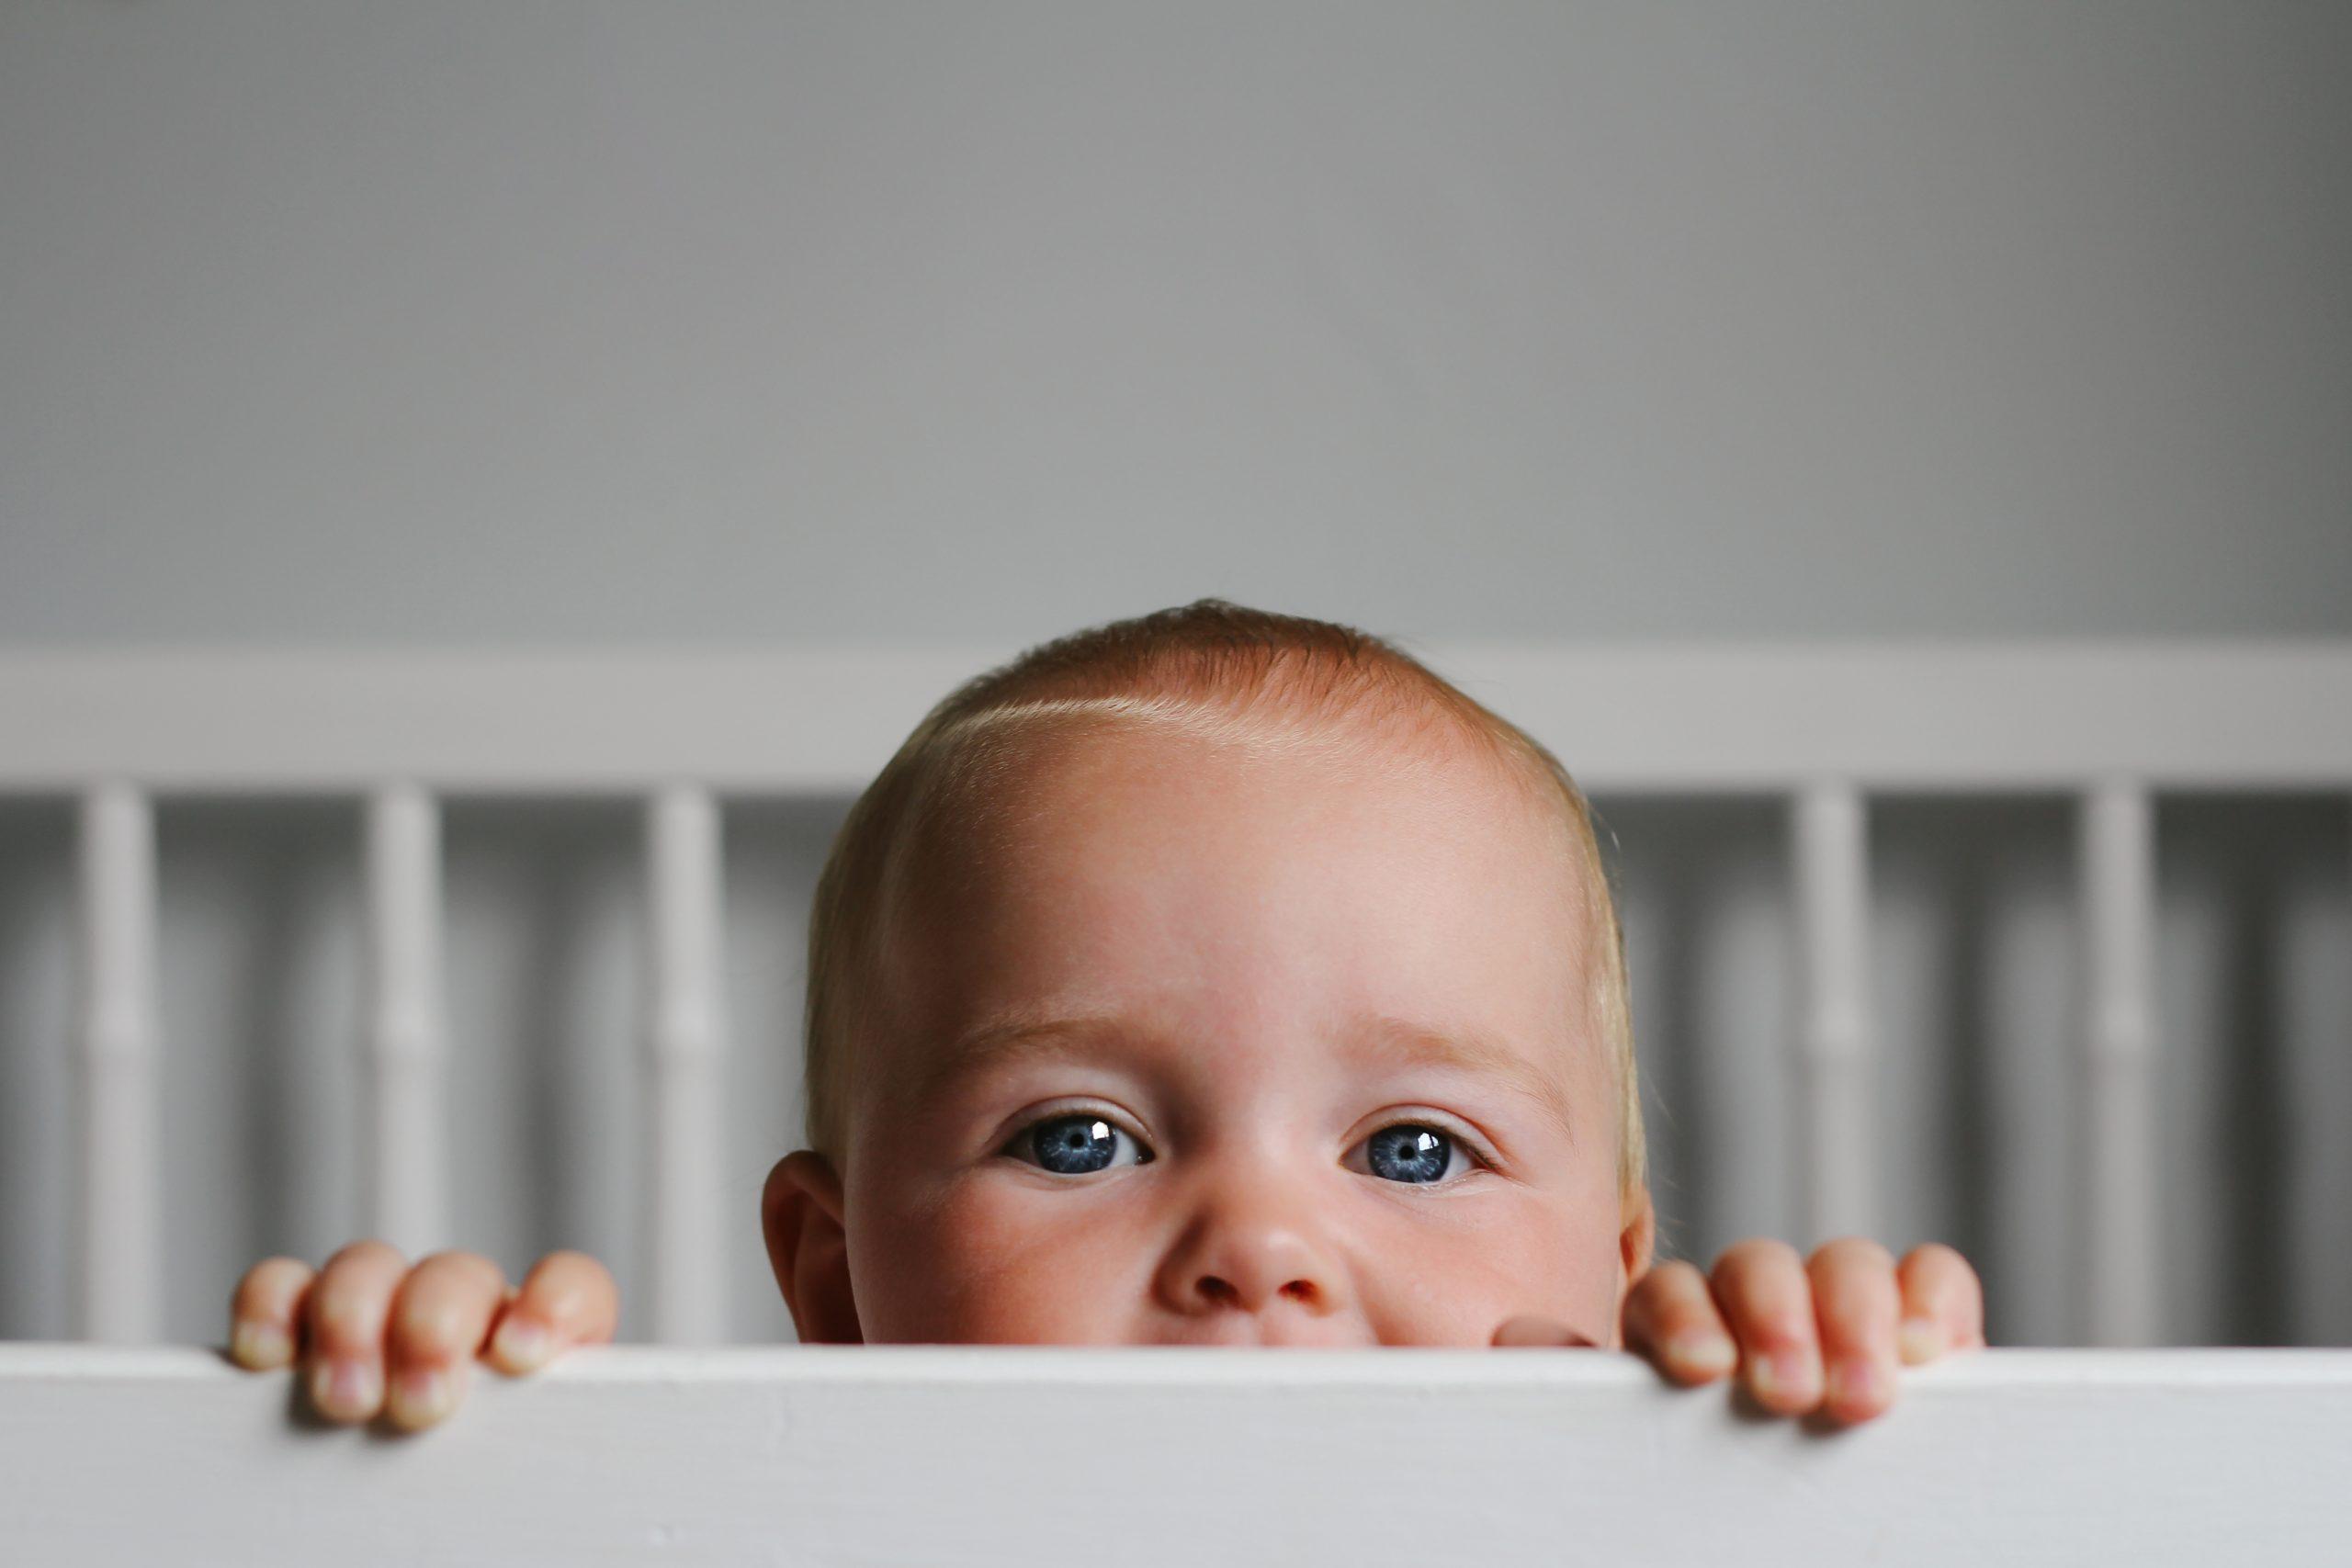 Gros plan d'un bébé dans un berceau.